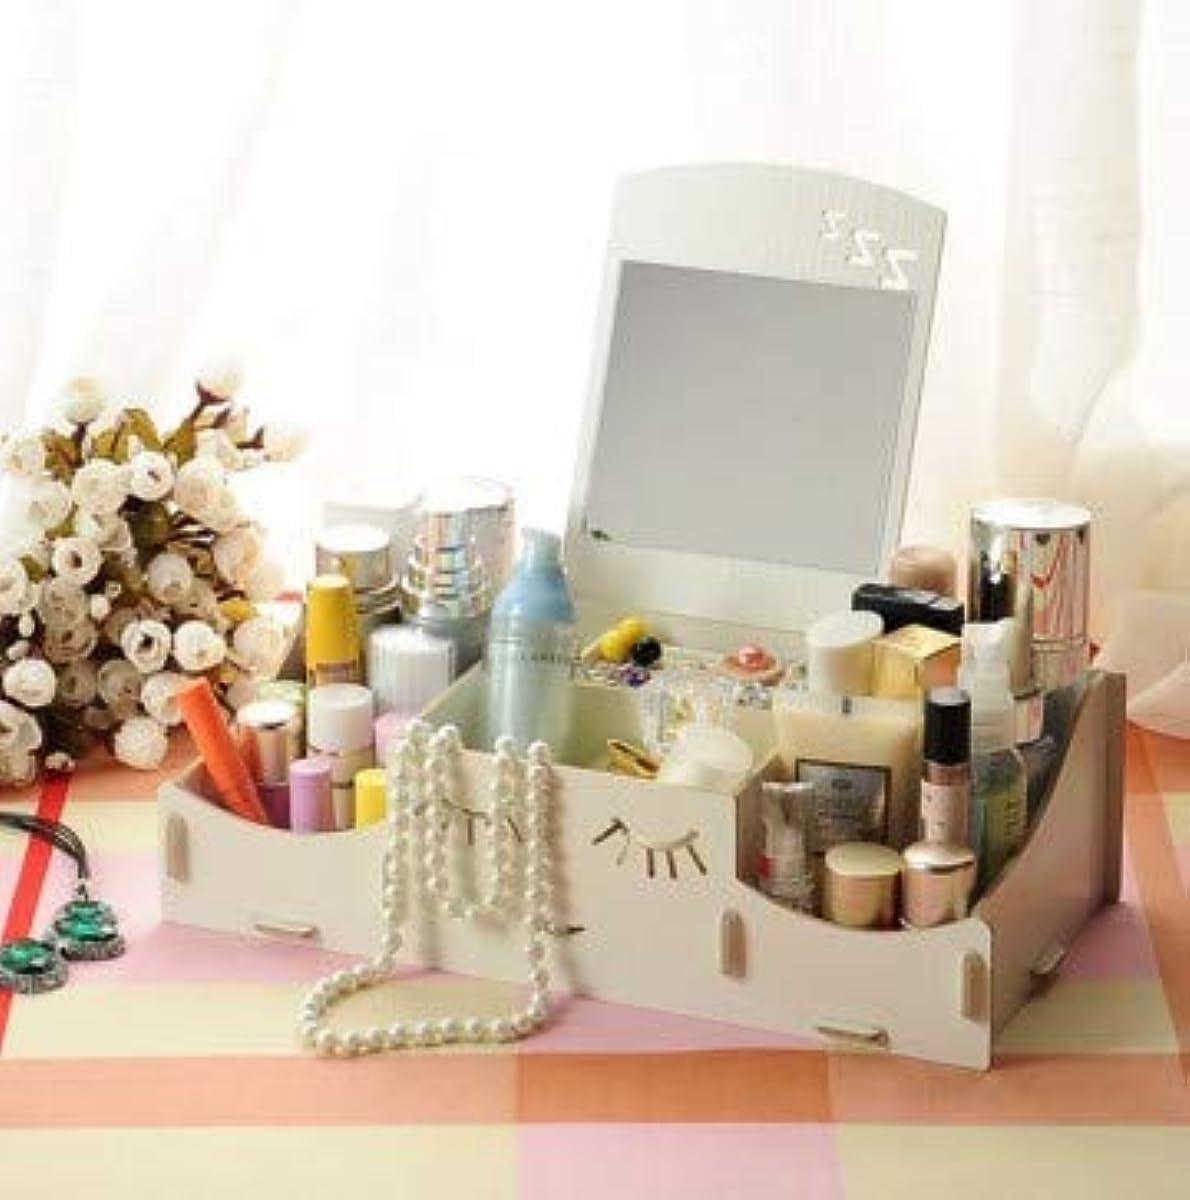 怠けた結論粗いスマイリー木製クリエイティブ収納ボックス手作りデスクトップミラー化粧品収納ボックス化粧品収納ボックス (Color : ホワイト)